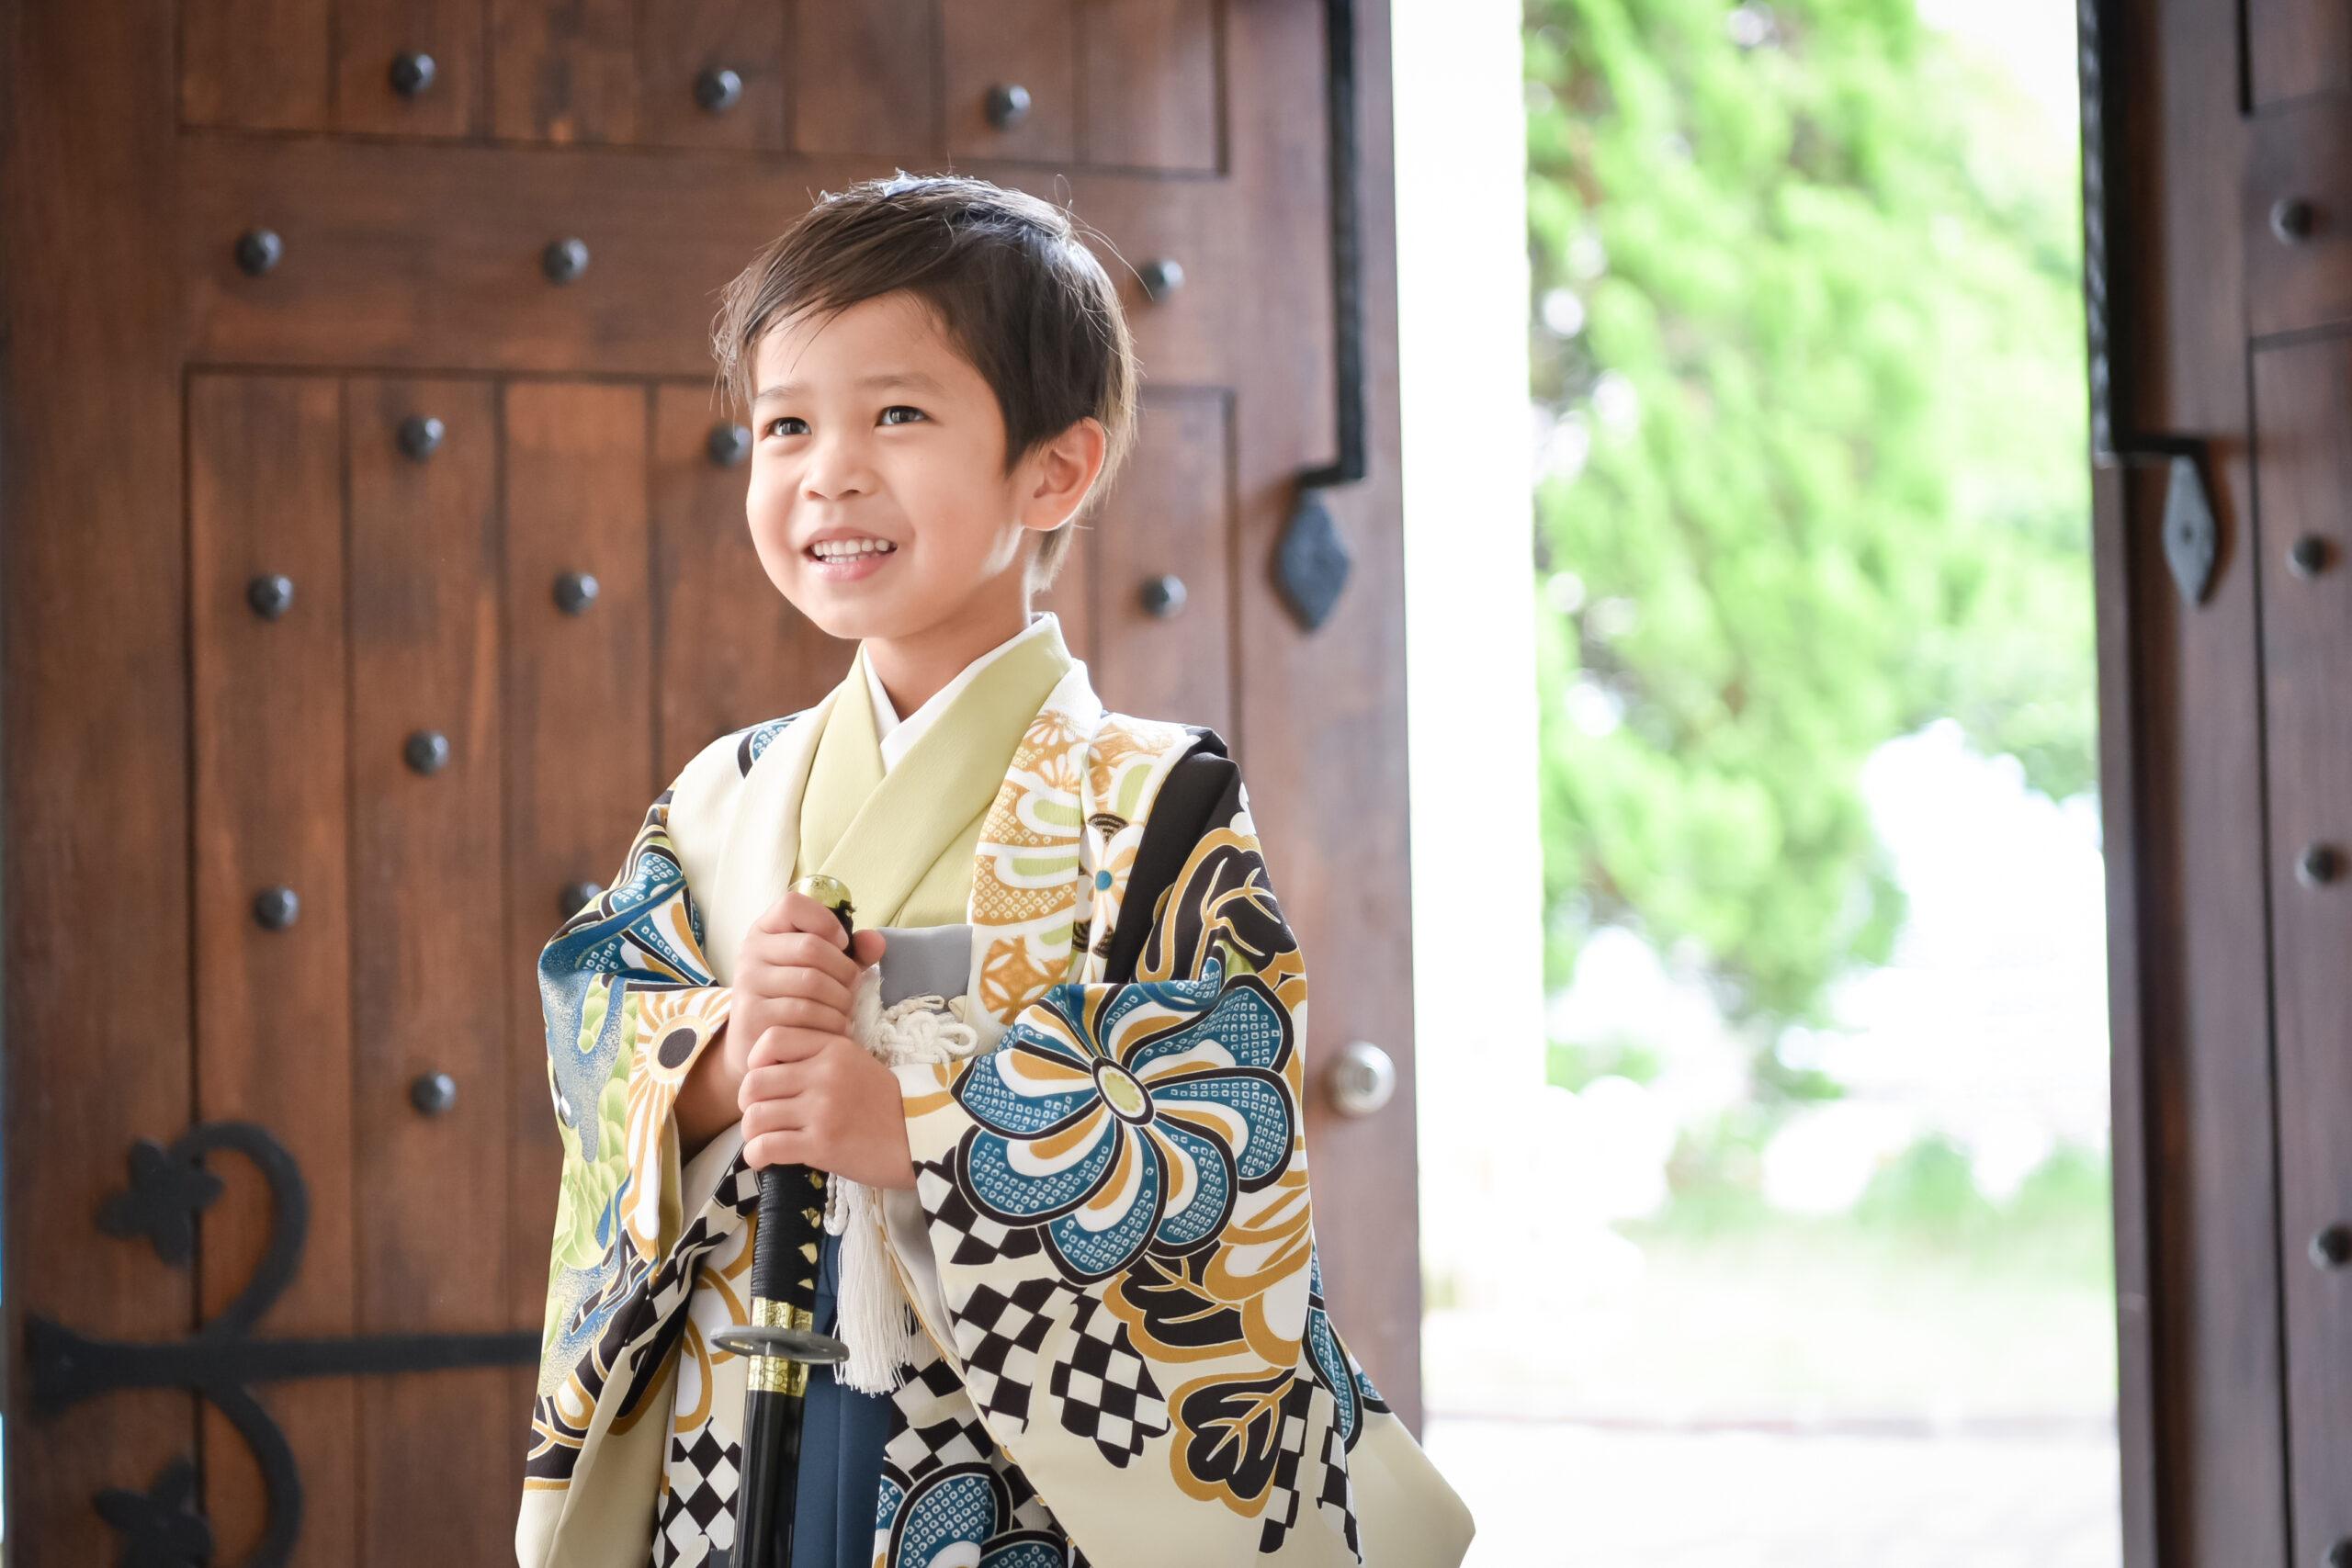 5歳 七五三 モダン ロケーション撮影 753 絹屋 熊谷 フォトスタジオ 写真館